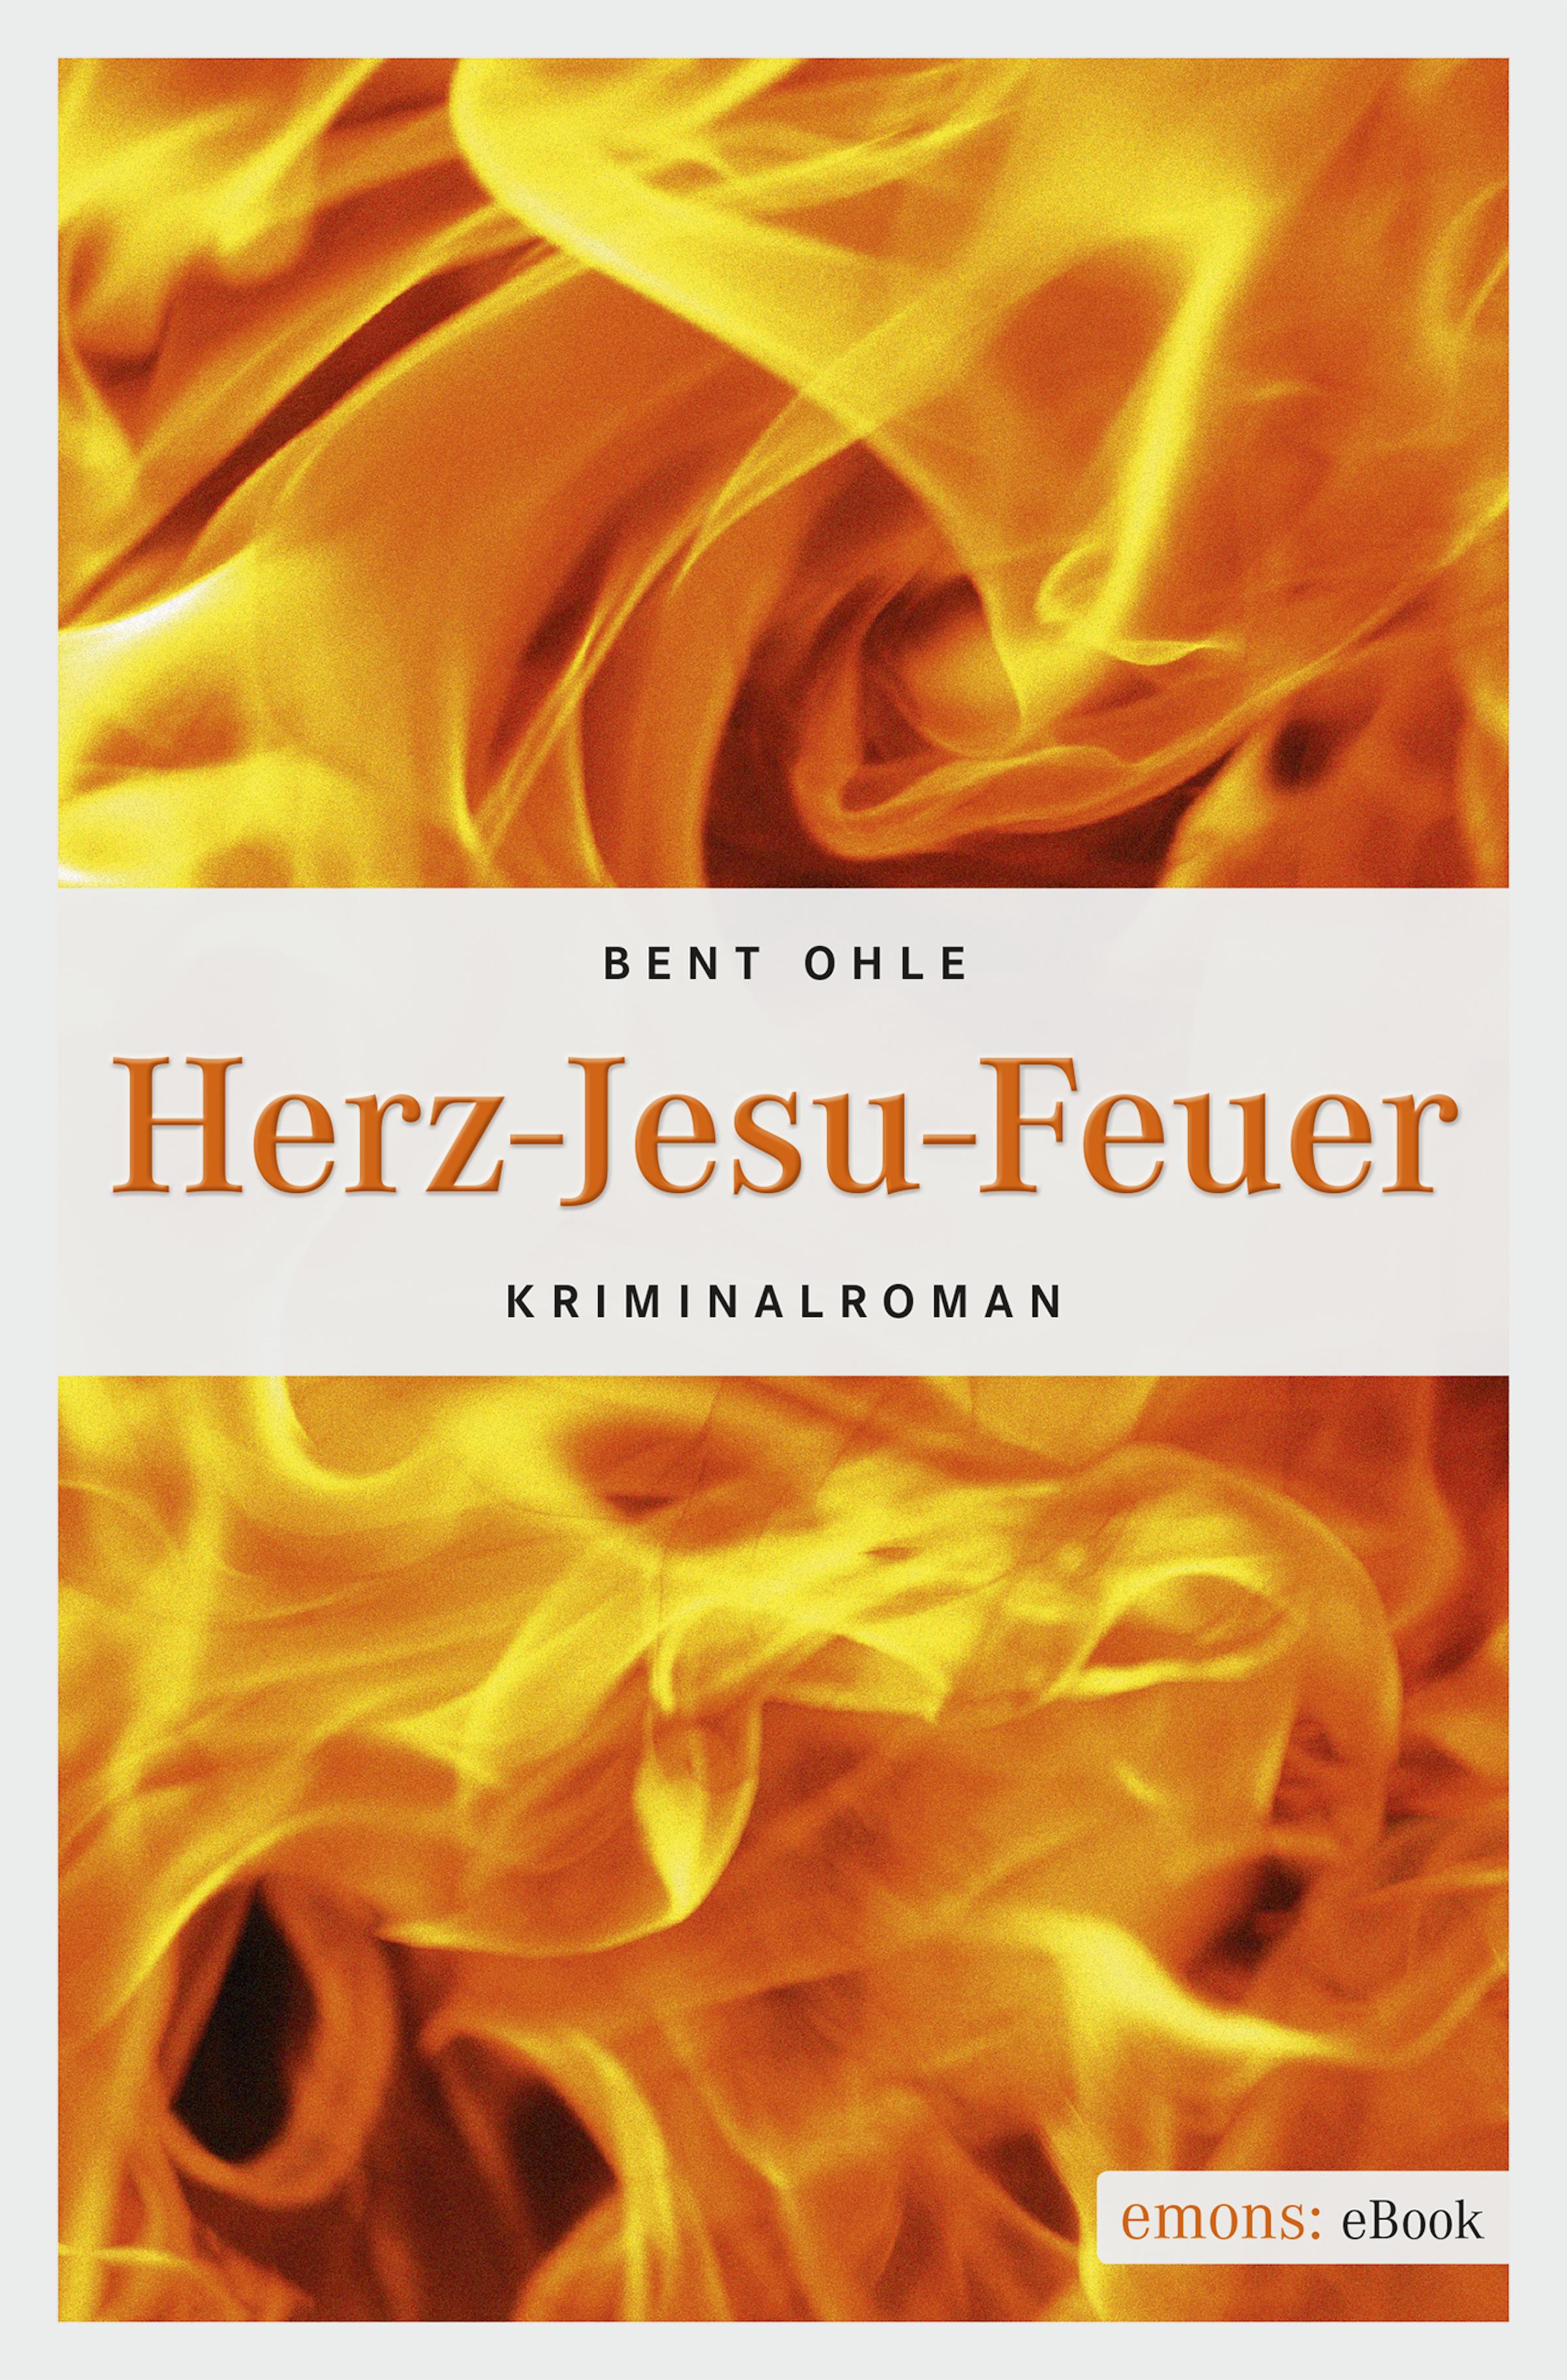 купить Bent Ohle Herz-Jesu-Feuer дешево